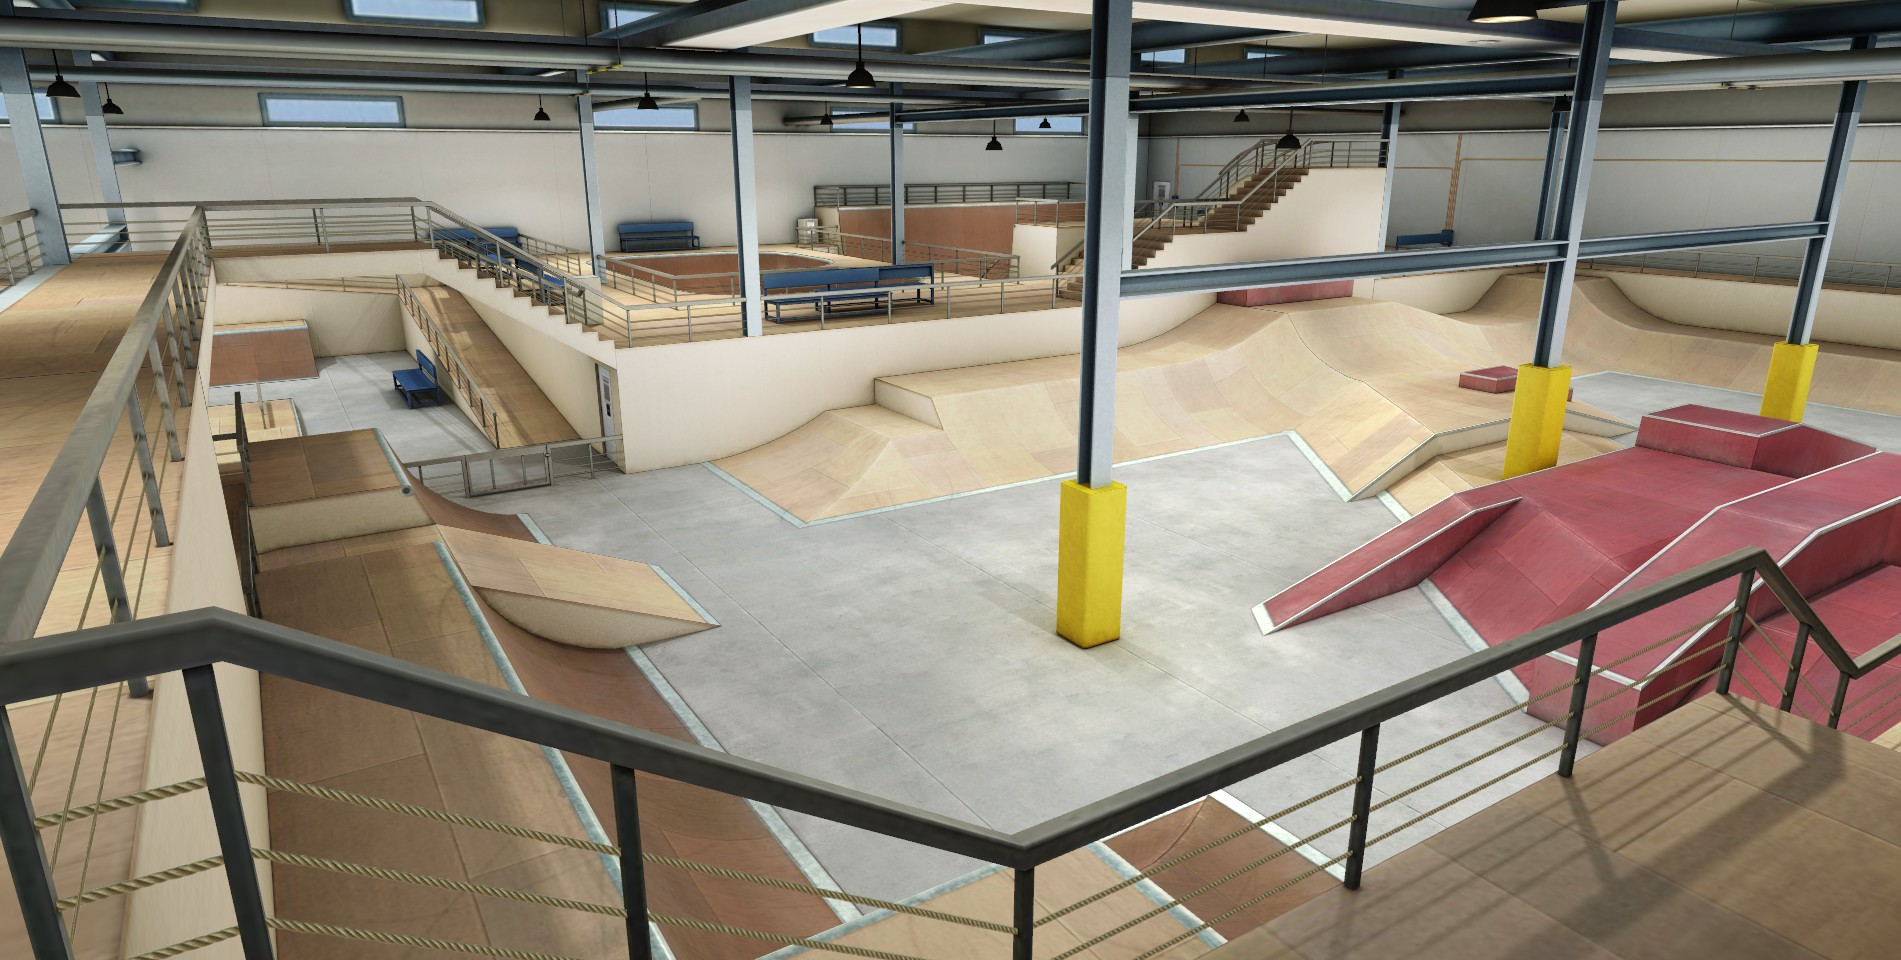 Skatepark06D